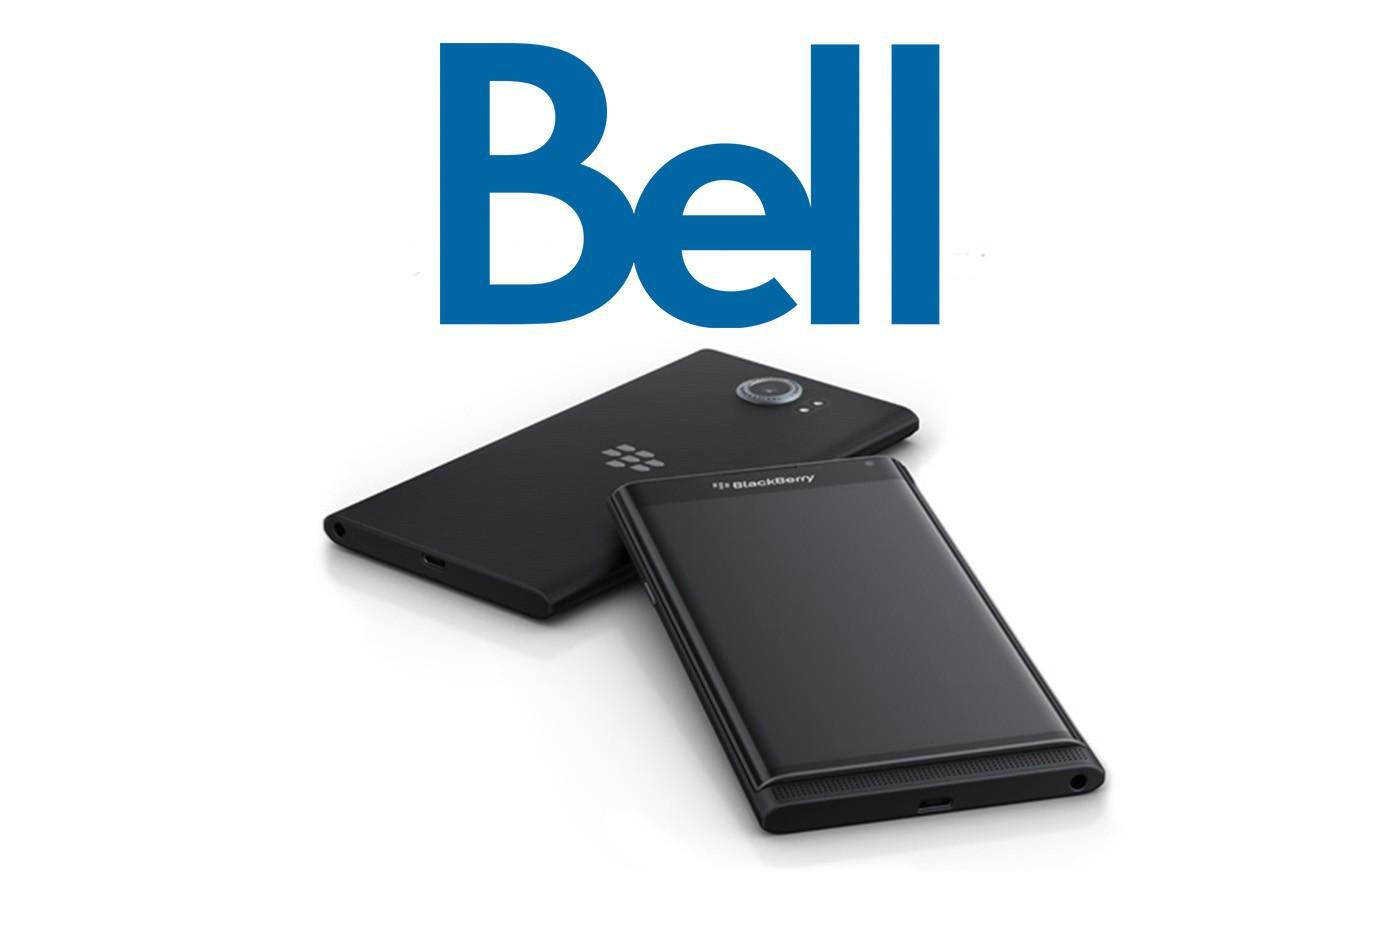 BlackBerry и Bell предоставляют улучшенную защиту от мобильных угроз корпоративным клиентам